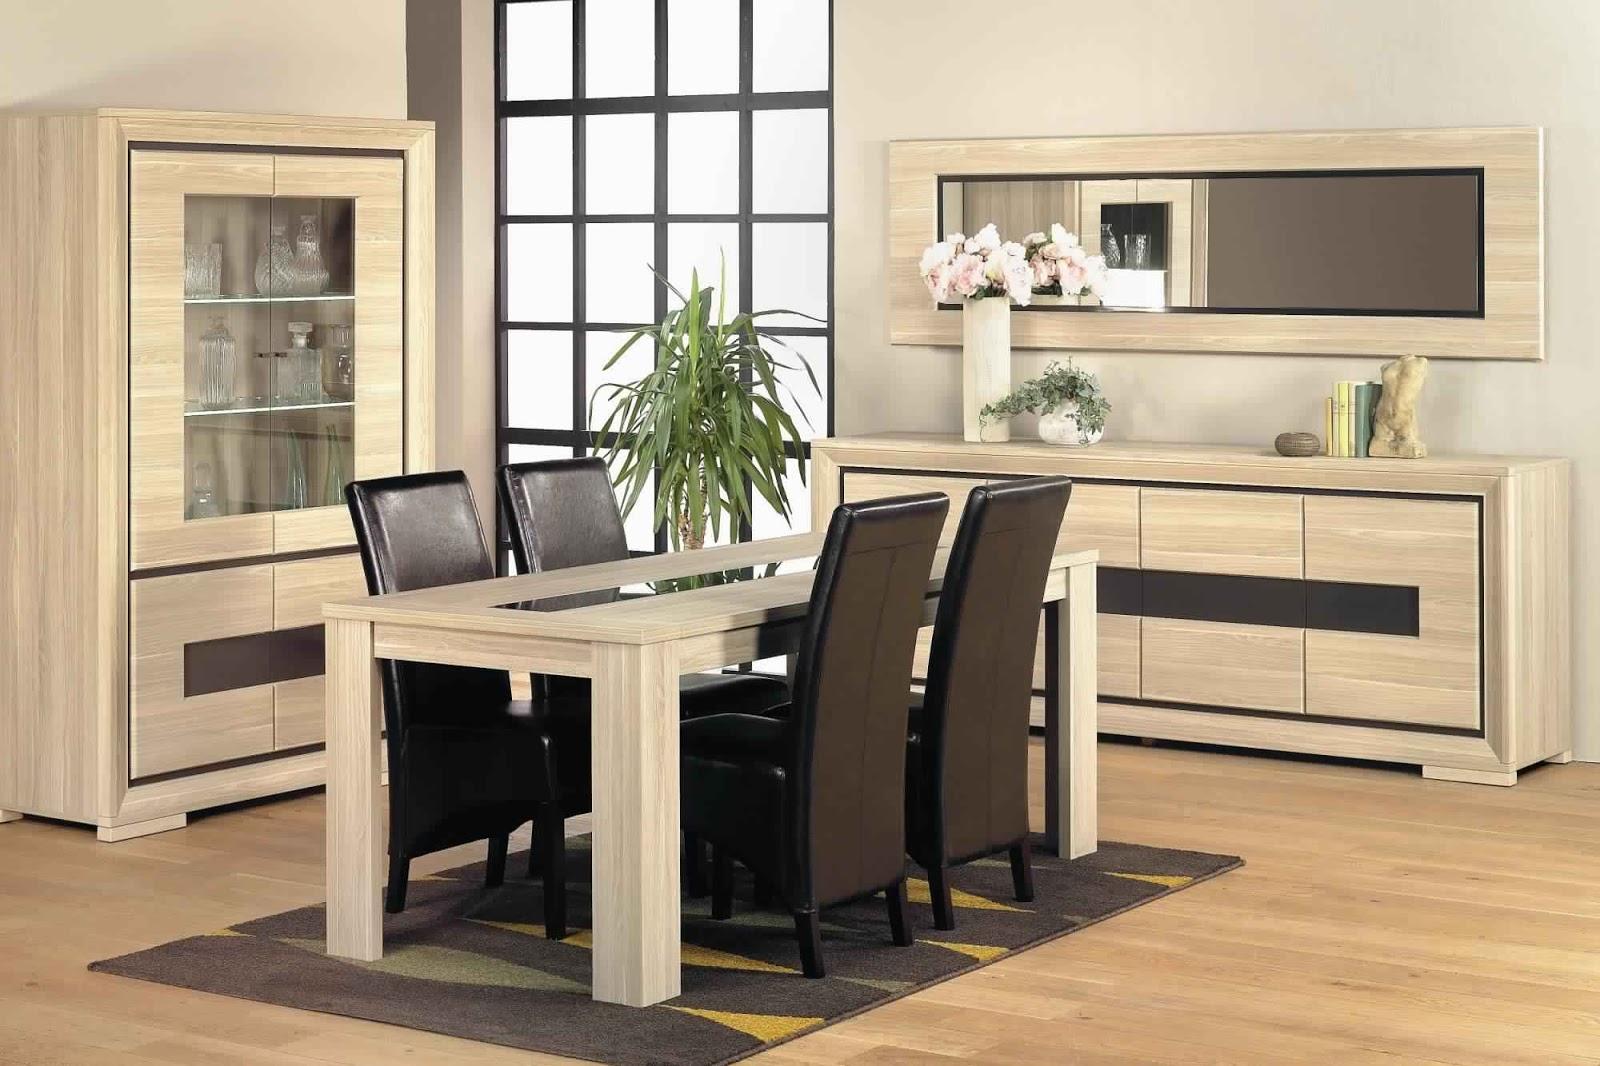 idee deco cuisine salon salle a manger - Conforama Sejour Salle A Manger